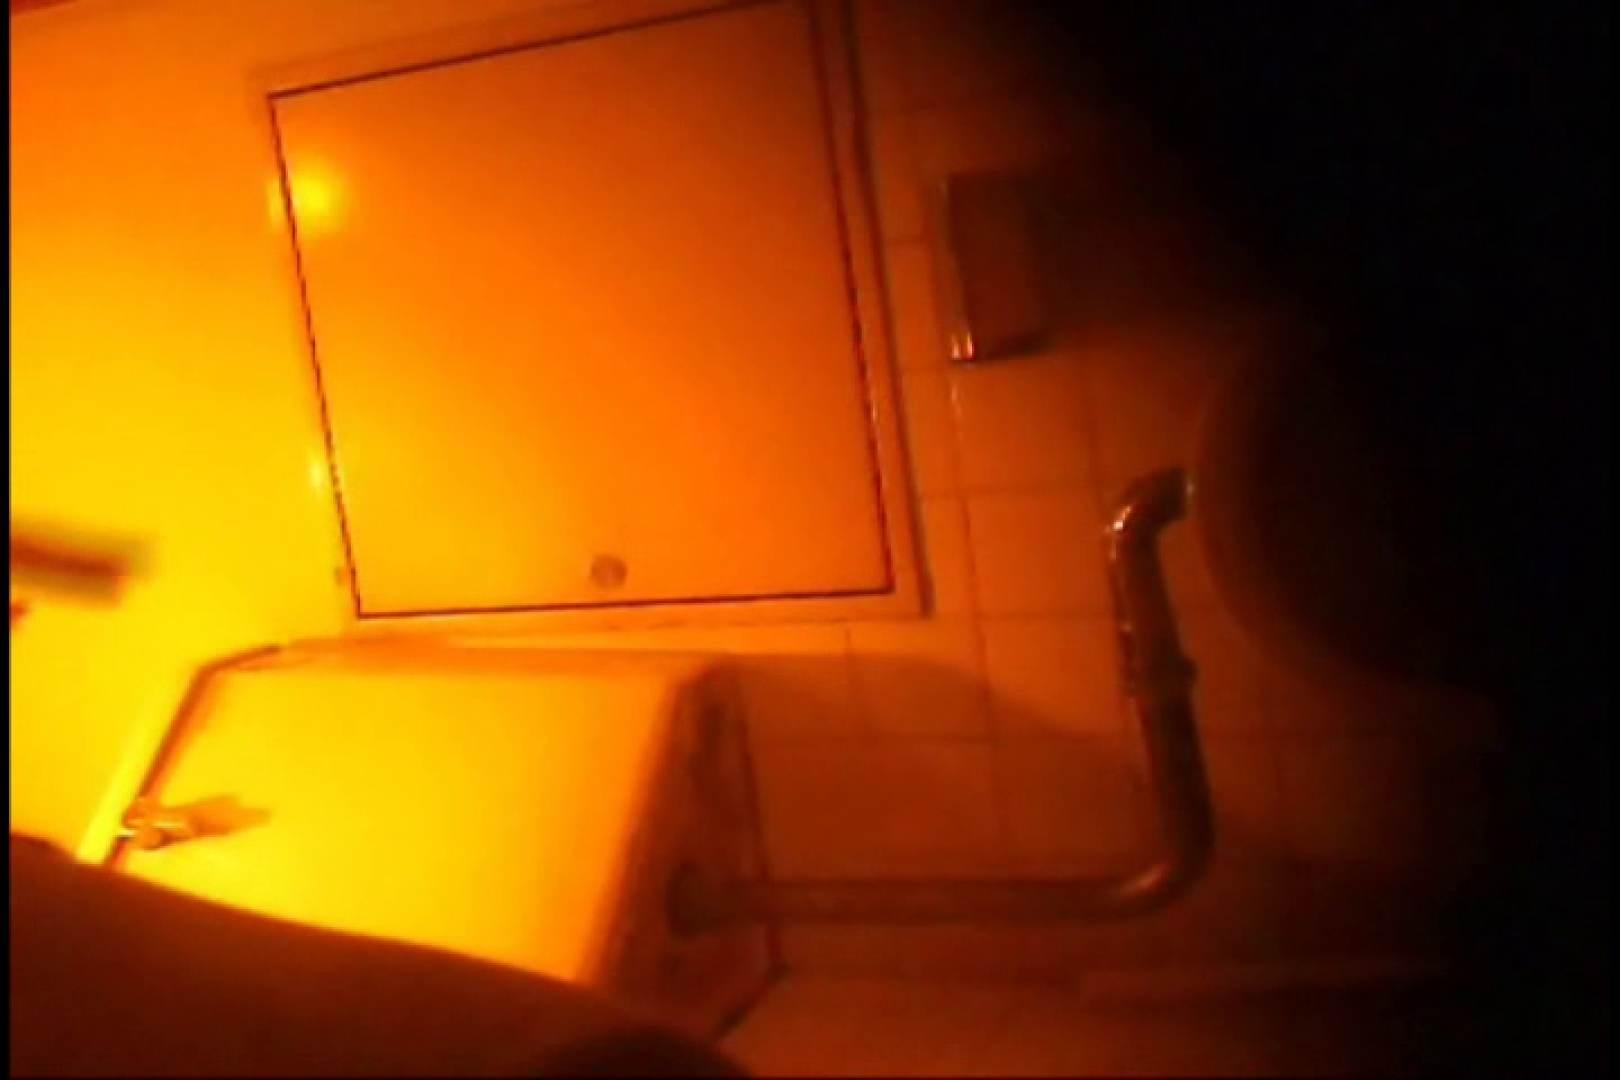 亀さんかわや VIP和式2カメバージョン! vol.04 マンコ 盗撮画像 92連発 17